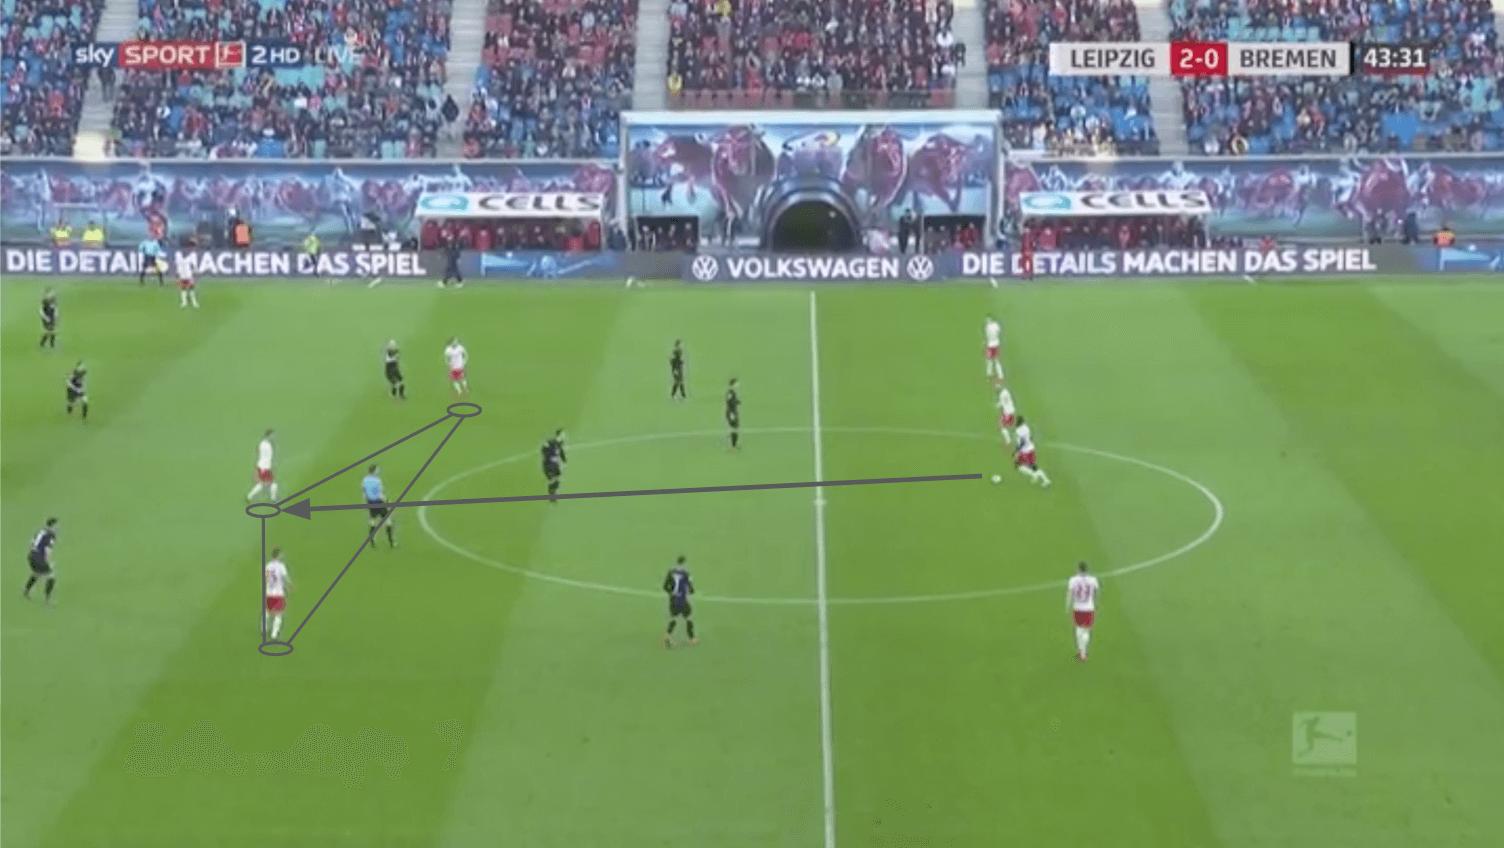 Bundesliga 2019/20: RB Leipzig vs Werder Bremen - tactical analysis tactics